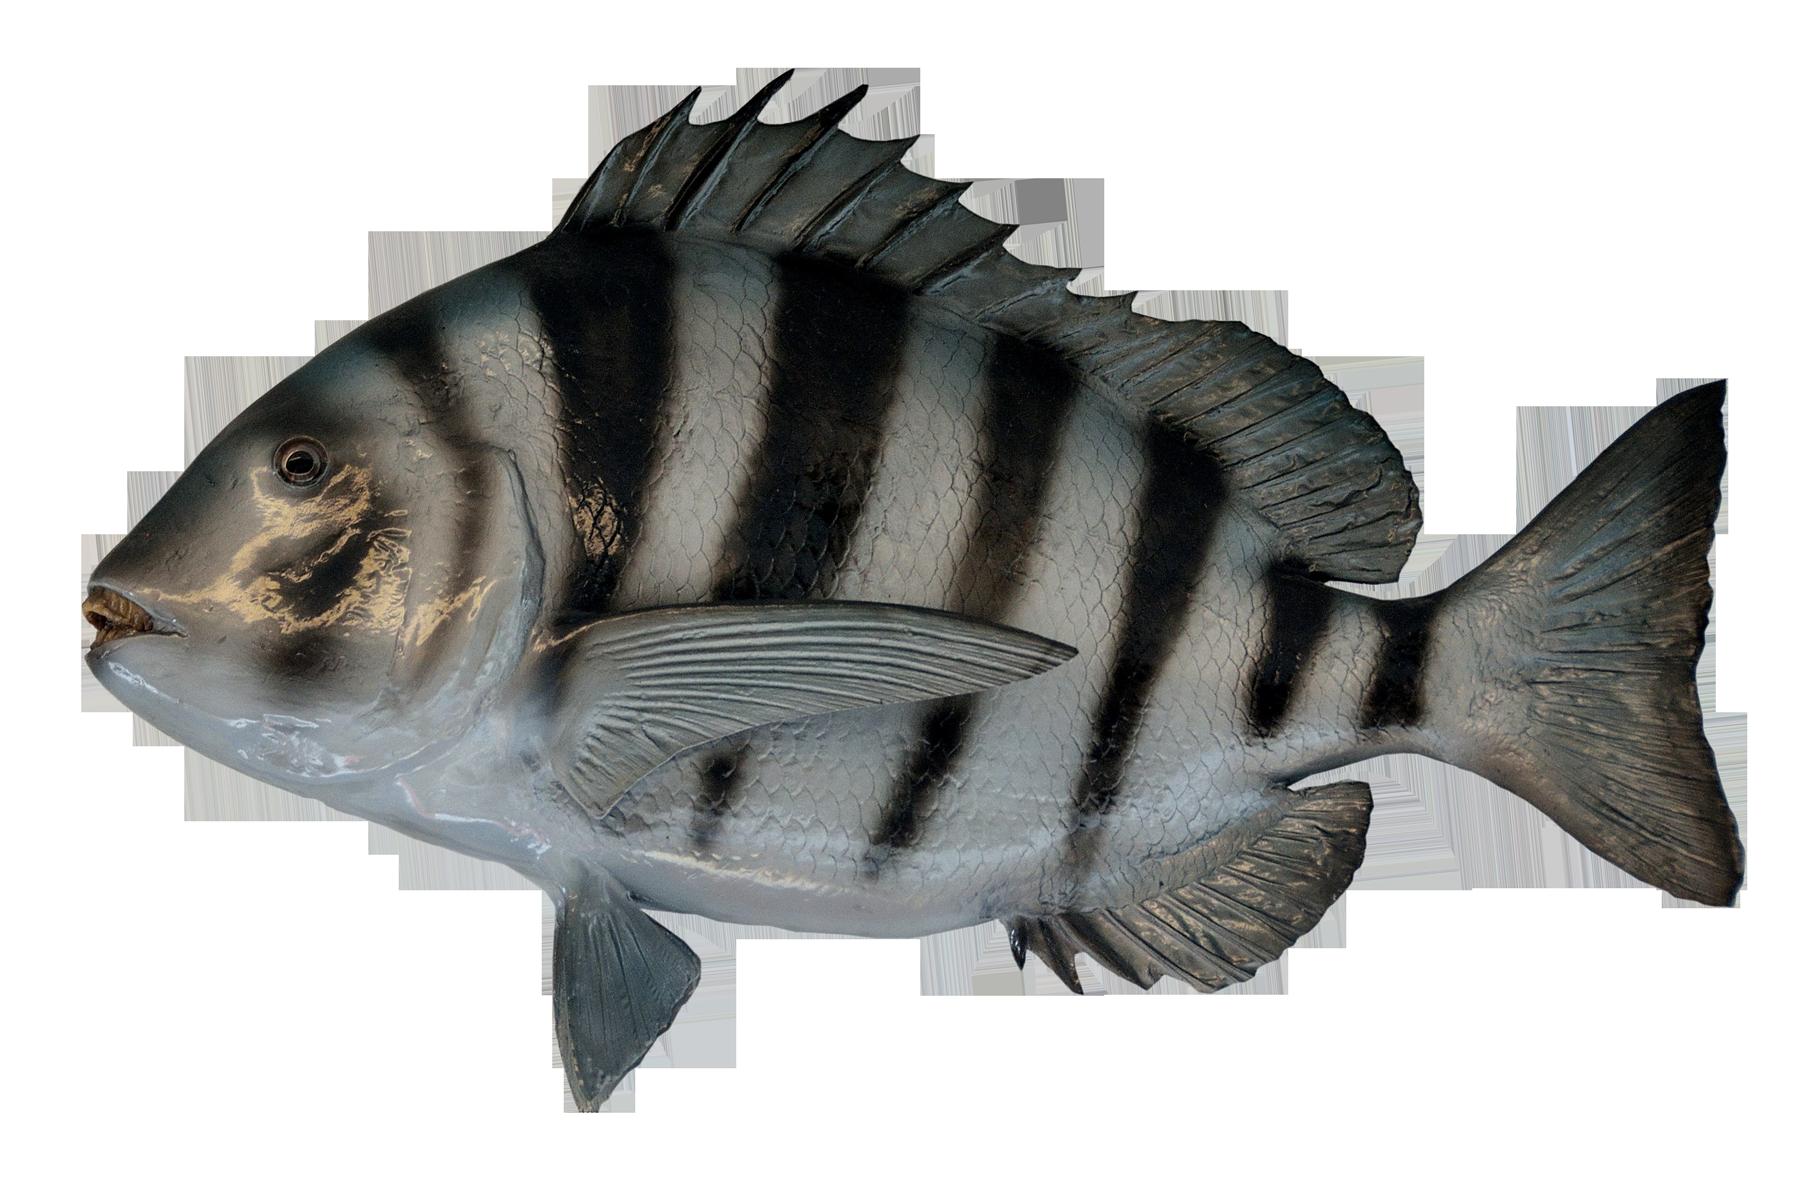 PNGPIX-COM-Fish-PNG-Transparent-Image